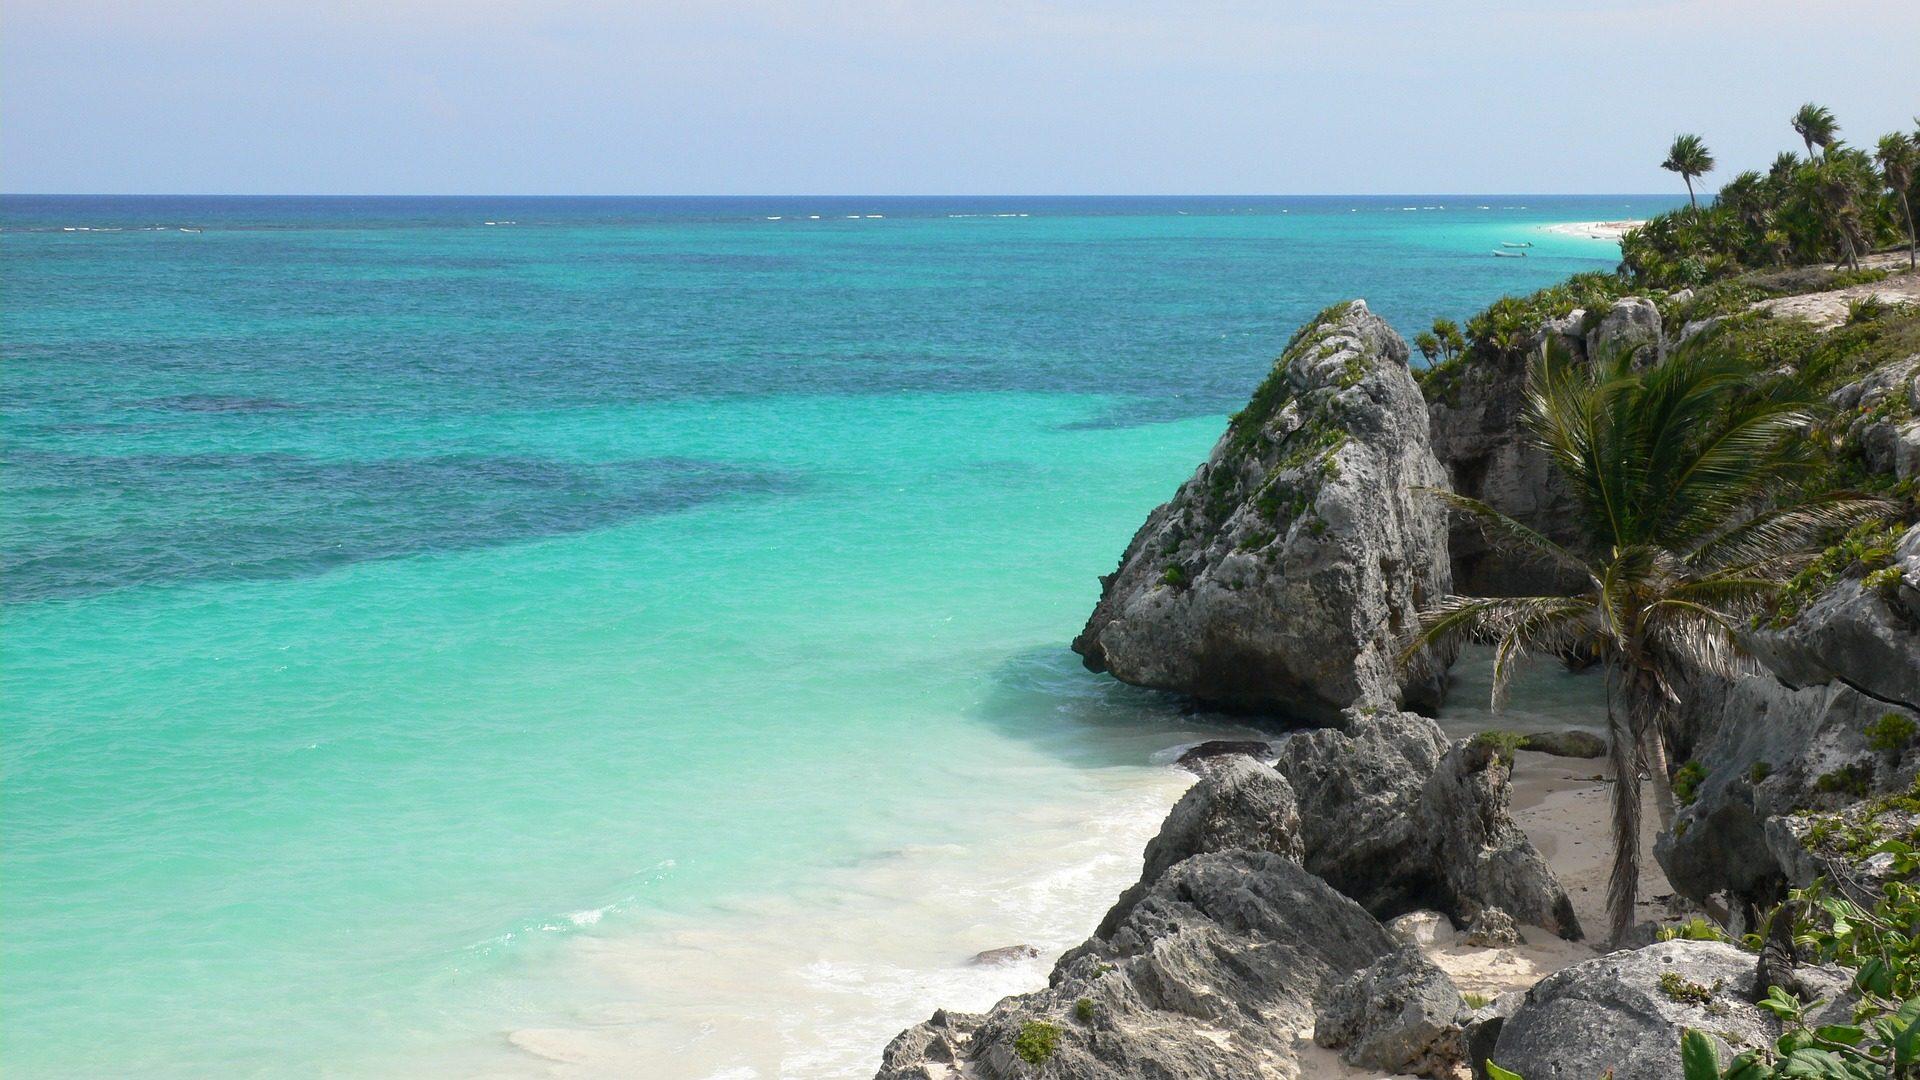 Mer, Plage, Turquoise, Paradis, Rocas, Palmiers, horizon - Fonds d'écran HD - Professor-falken.com